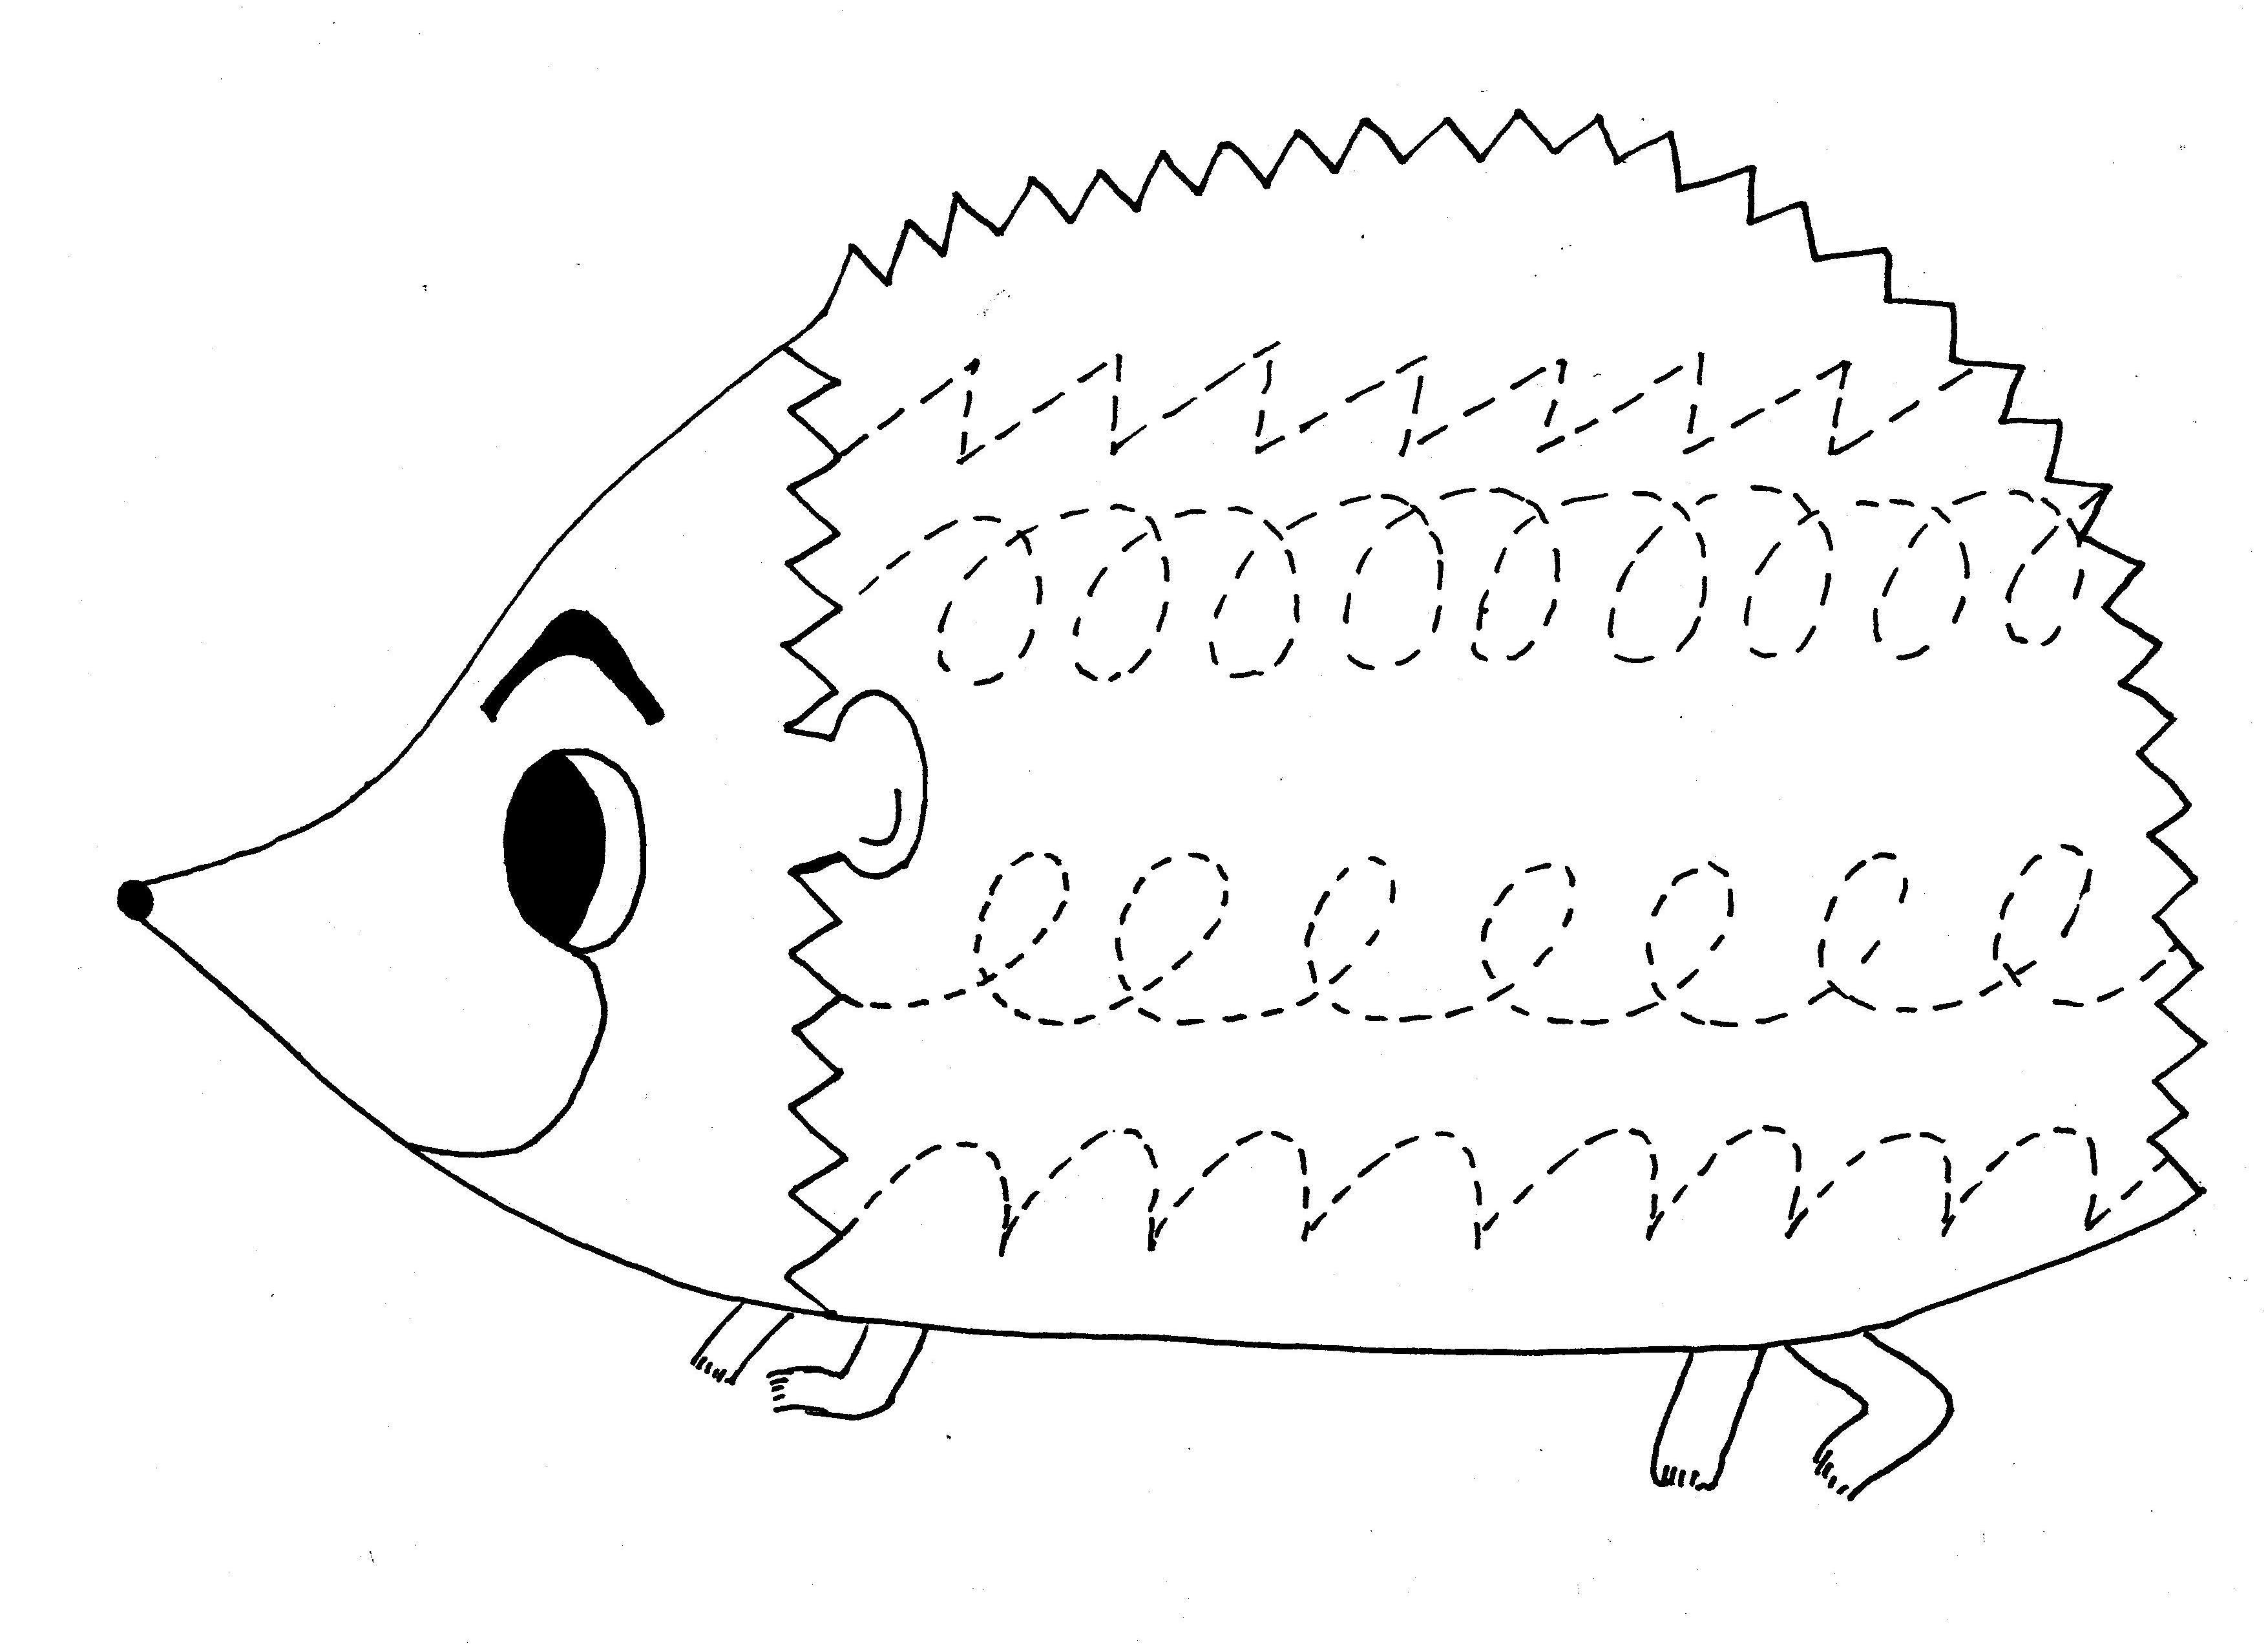 http://www.preschoolactivities.us/animals-trace-line